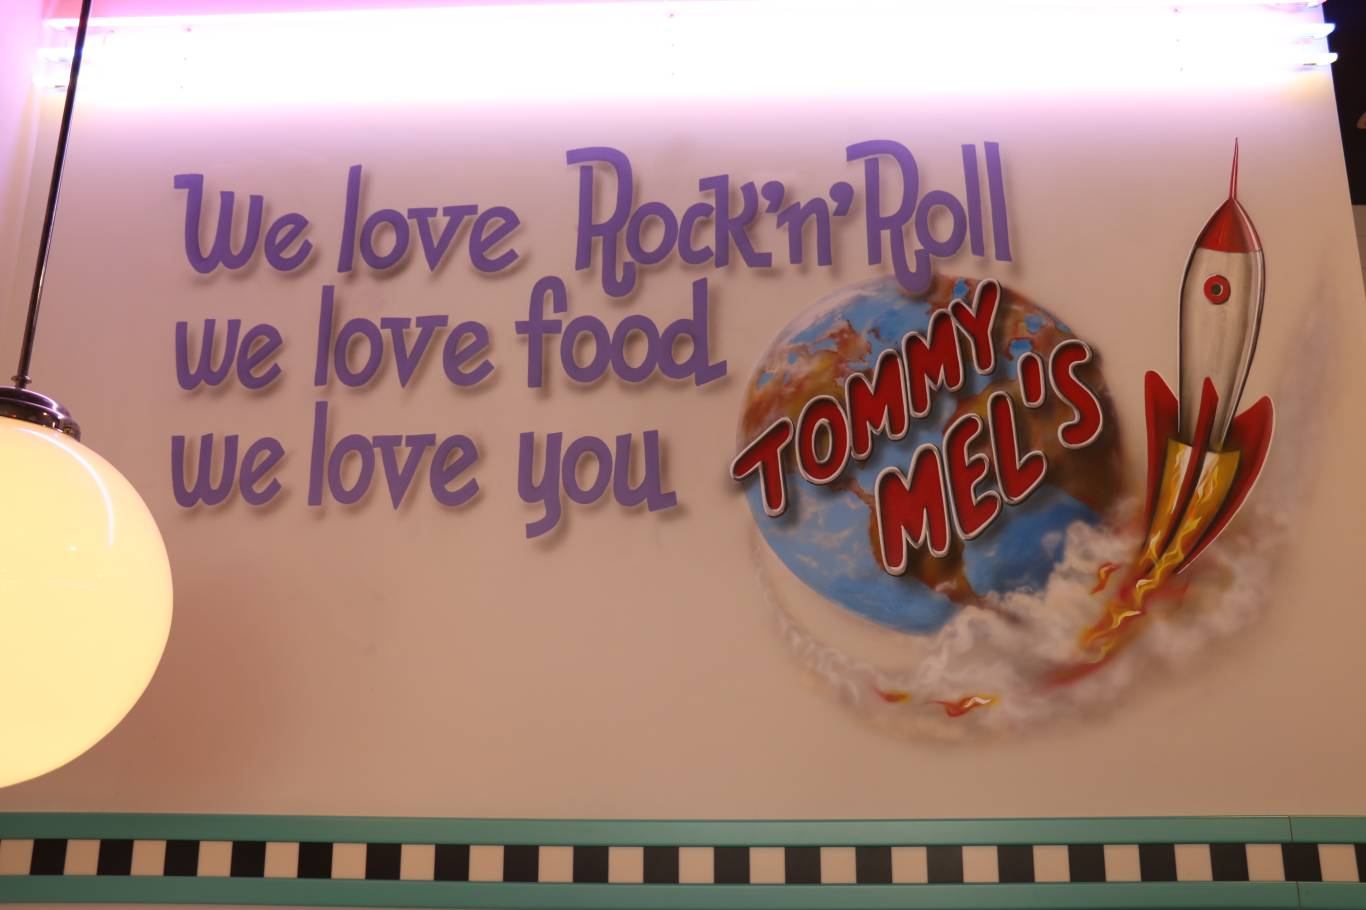 Tommy mels calle cerrajeros alcala de henares